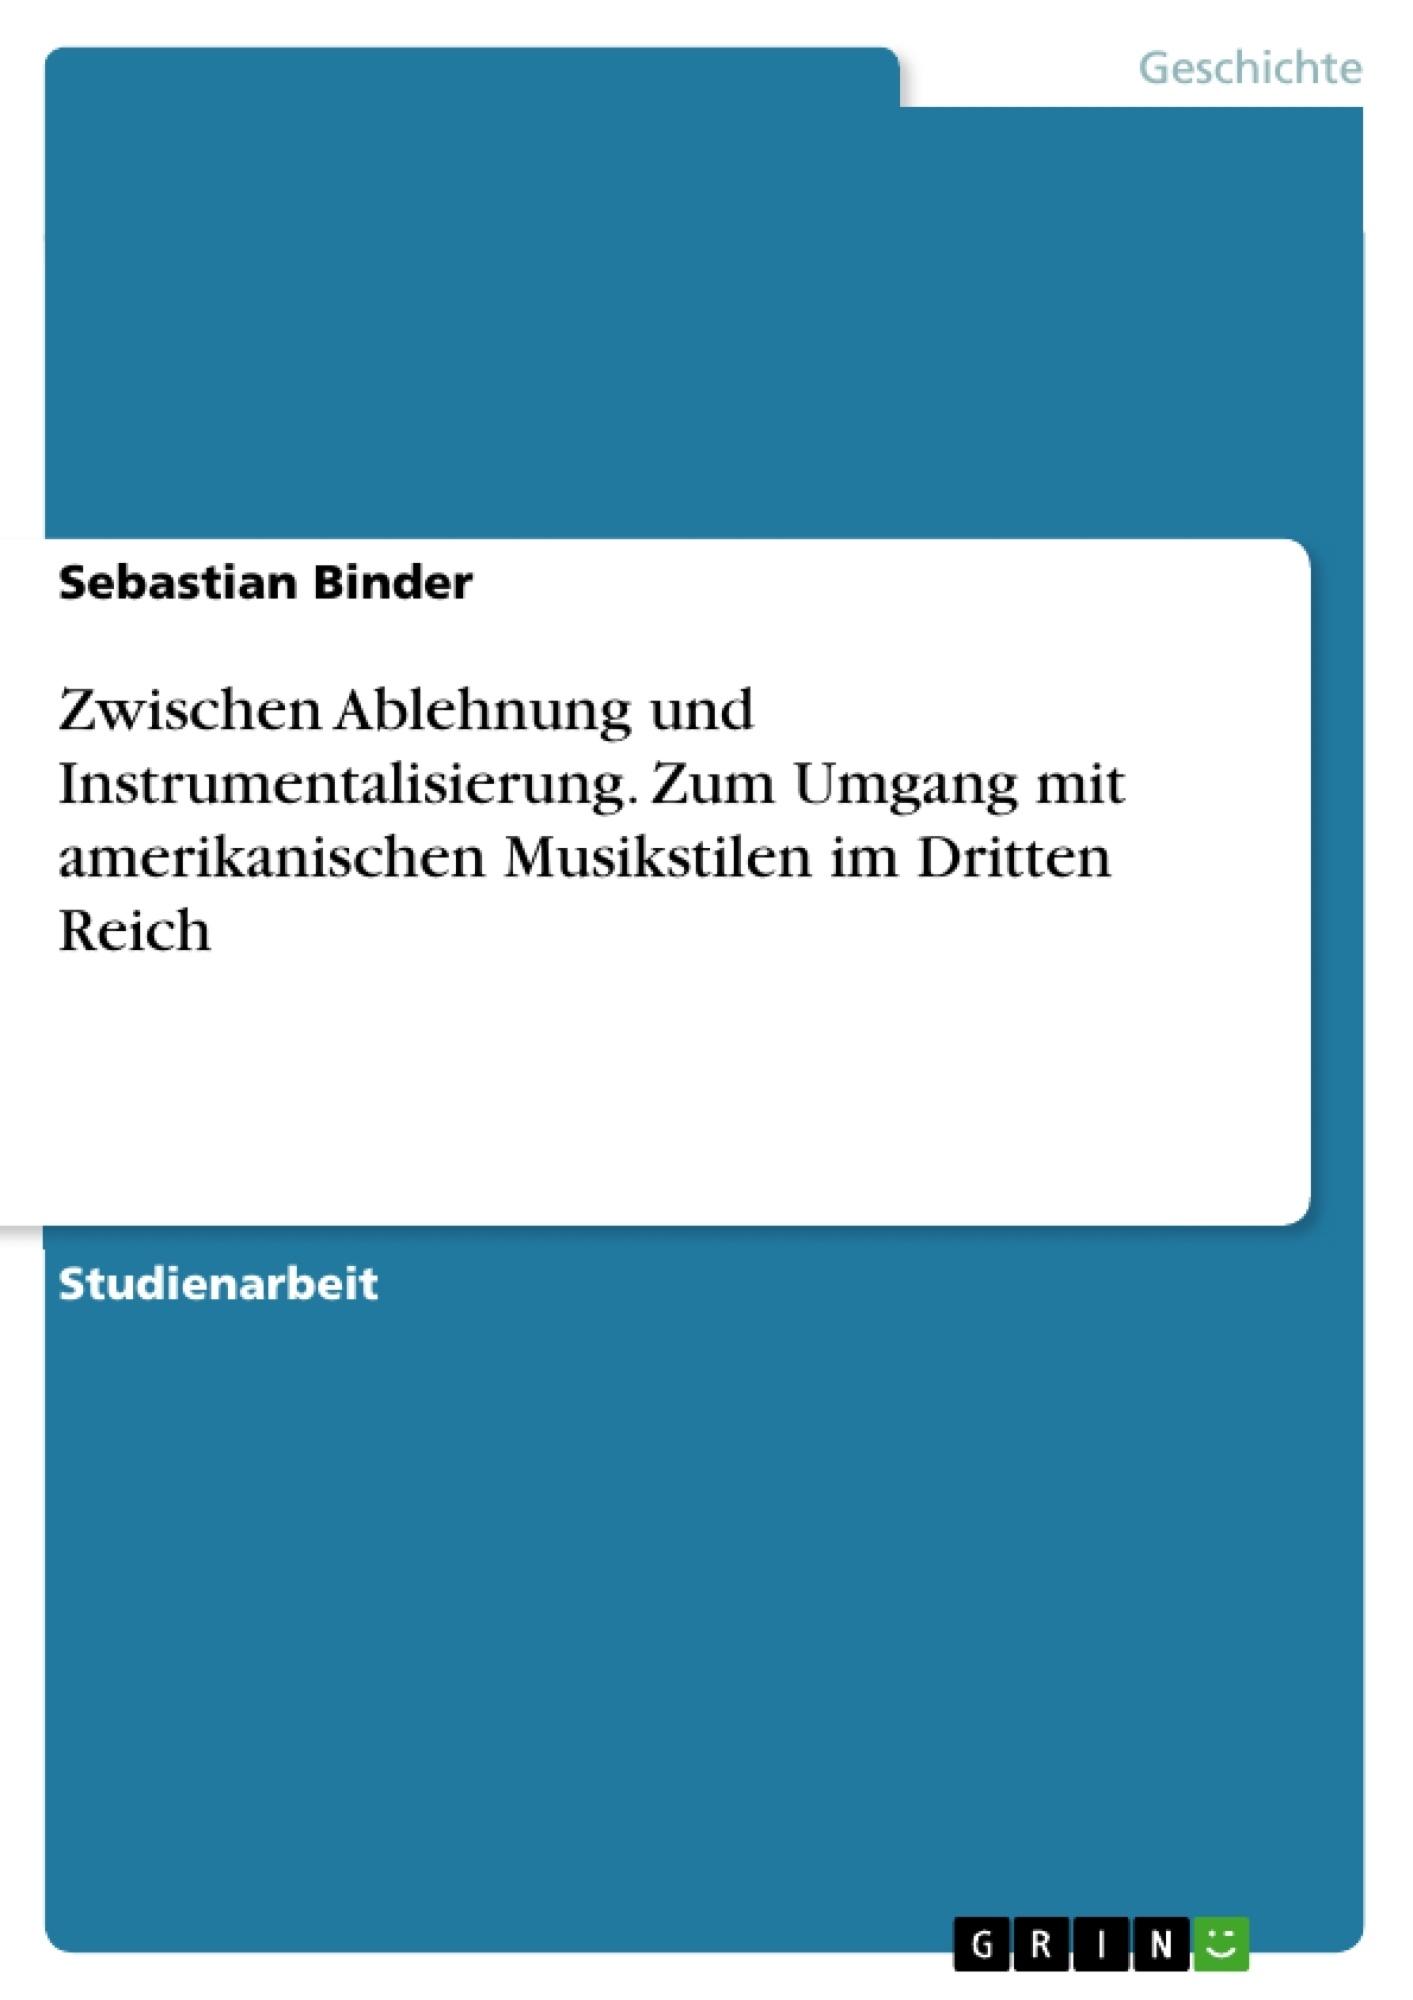 Titel: Zwischen Ablehnung und Instrumentalisierung. Zum Umgang mit amerikanischen Musikstilen im Dritten Reich